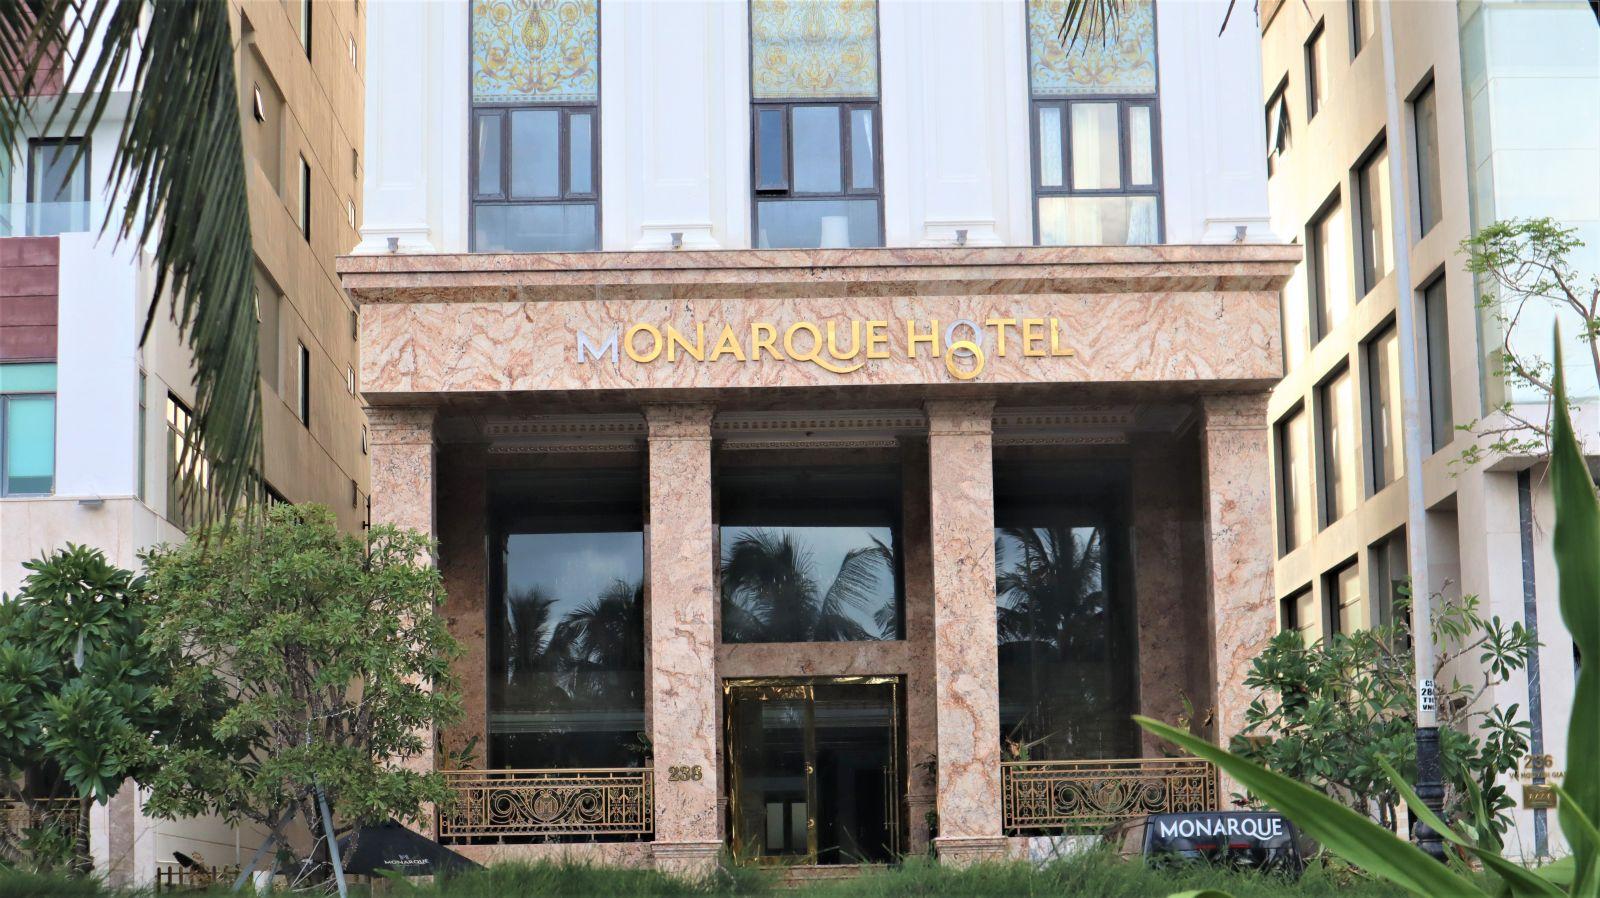 Nhiều khách sạn cho rằng, việc mở cửa trong thời gian này cũng đã lường trước được việc gần như không có khách.